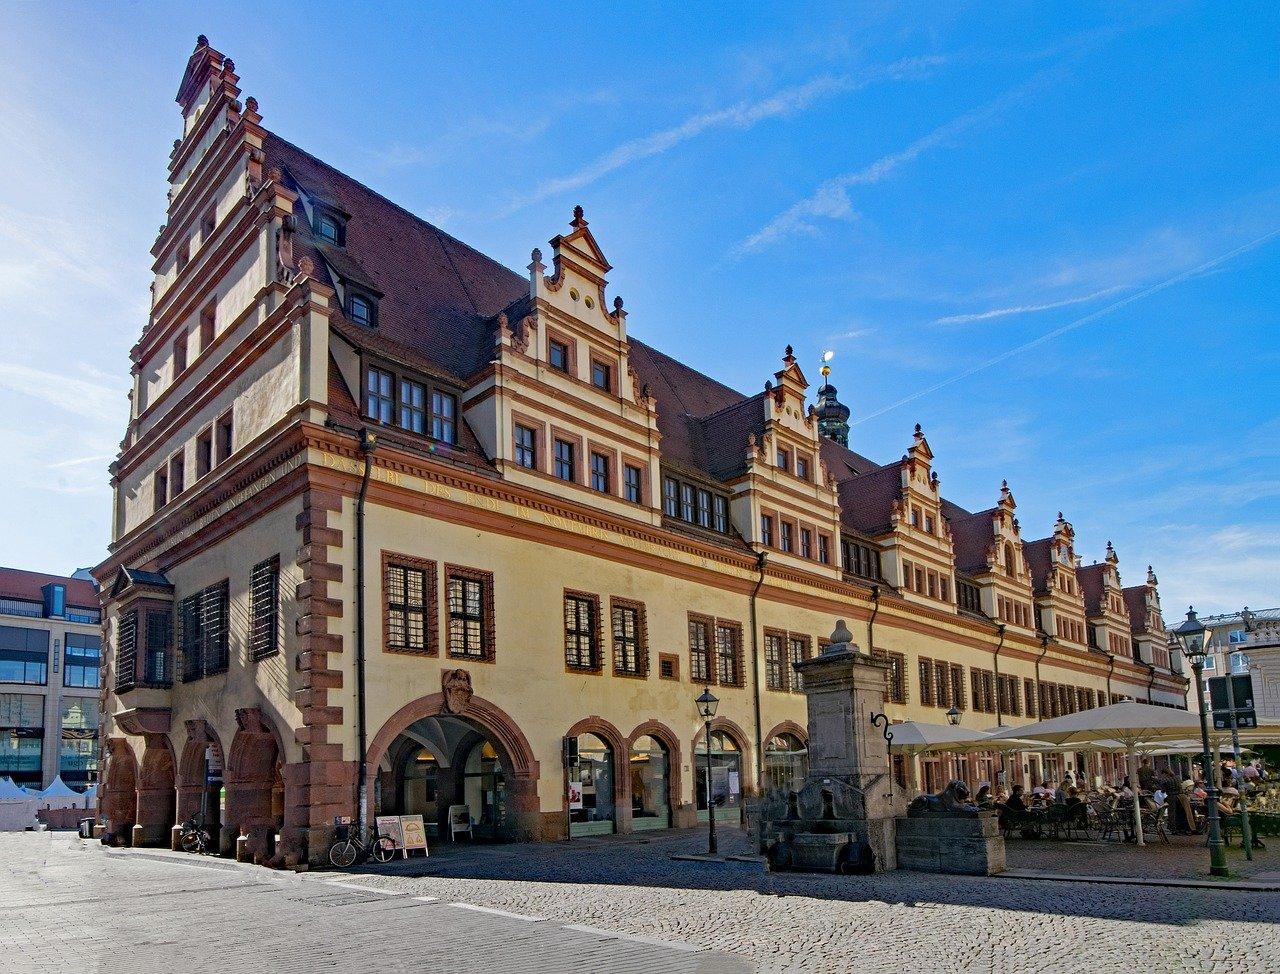 Altbau altes Rathaus Leipzig